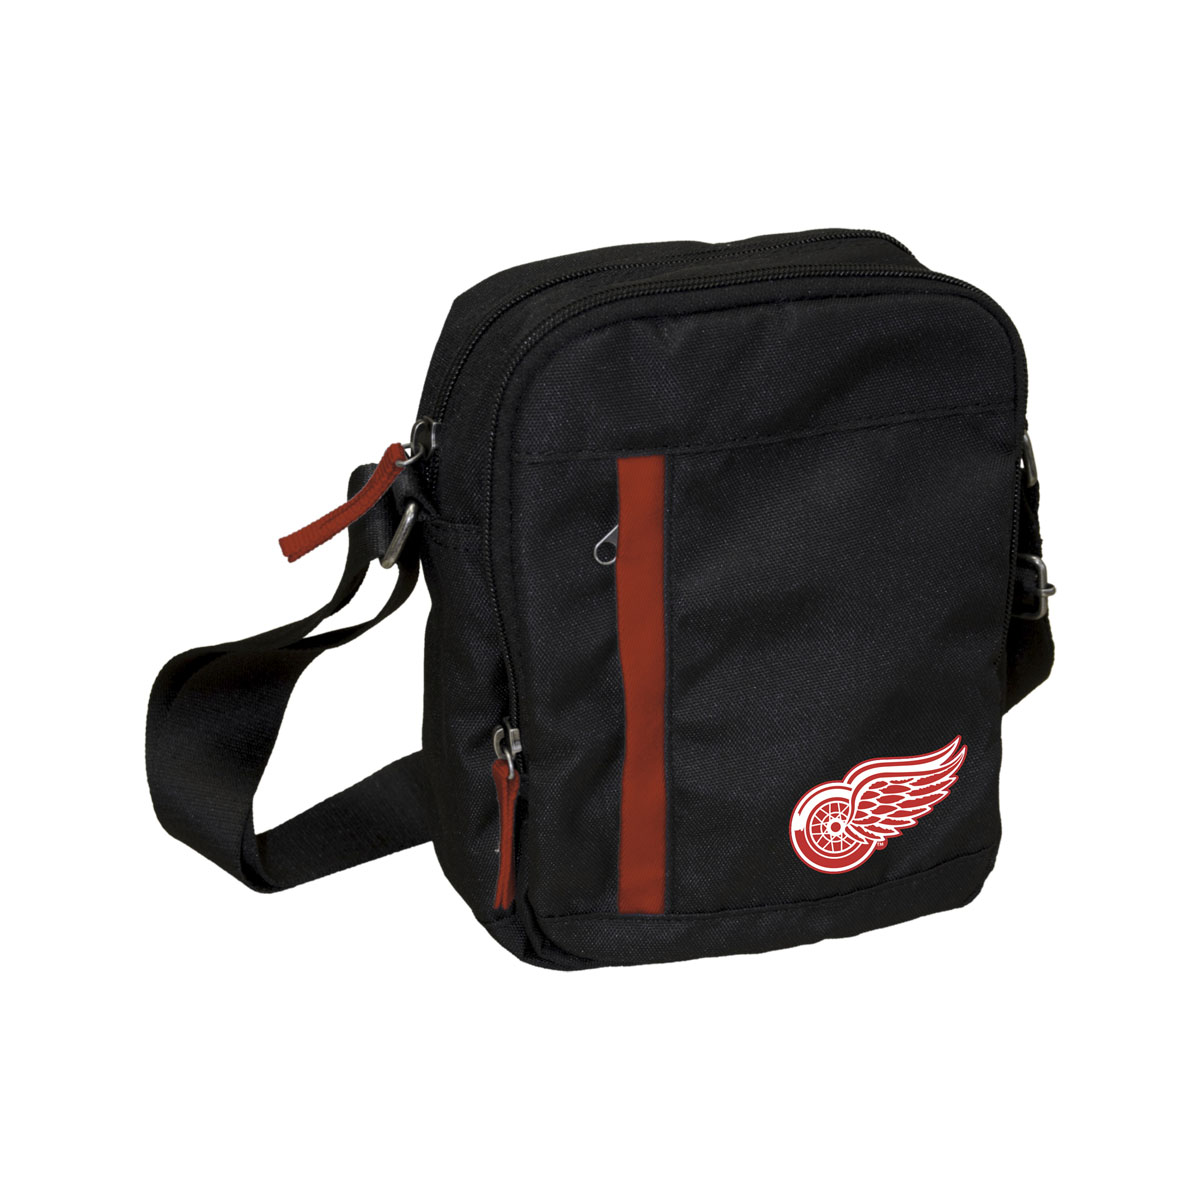 Сумка на ремне NHL Red Wings, цвет: черный, 3,5 л. 5801710815Универсальная сумка NHL Red Wings на регулируемом плечевом ремне имеет два отделения на молнии. Внешний карман на молнии отделан контрастной полосой. Основное отделение содержит четыре небольших кармана для мелочей, один из них на молнии. Сумка украшена эмблемой хоккейной команды Red Wings.